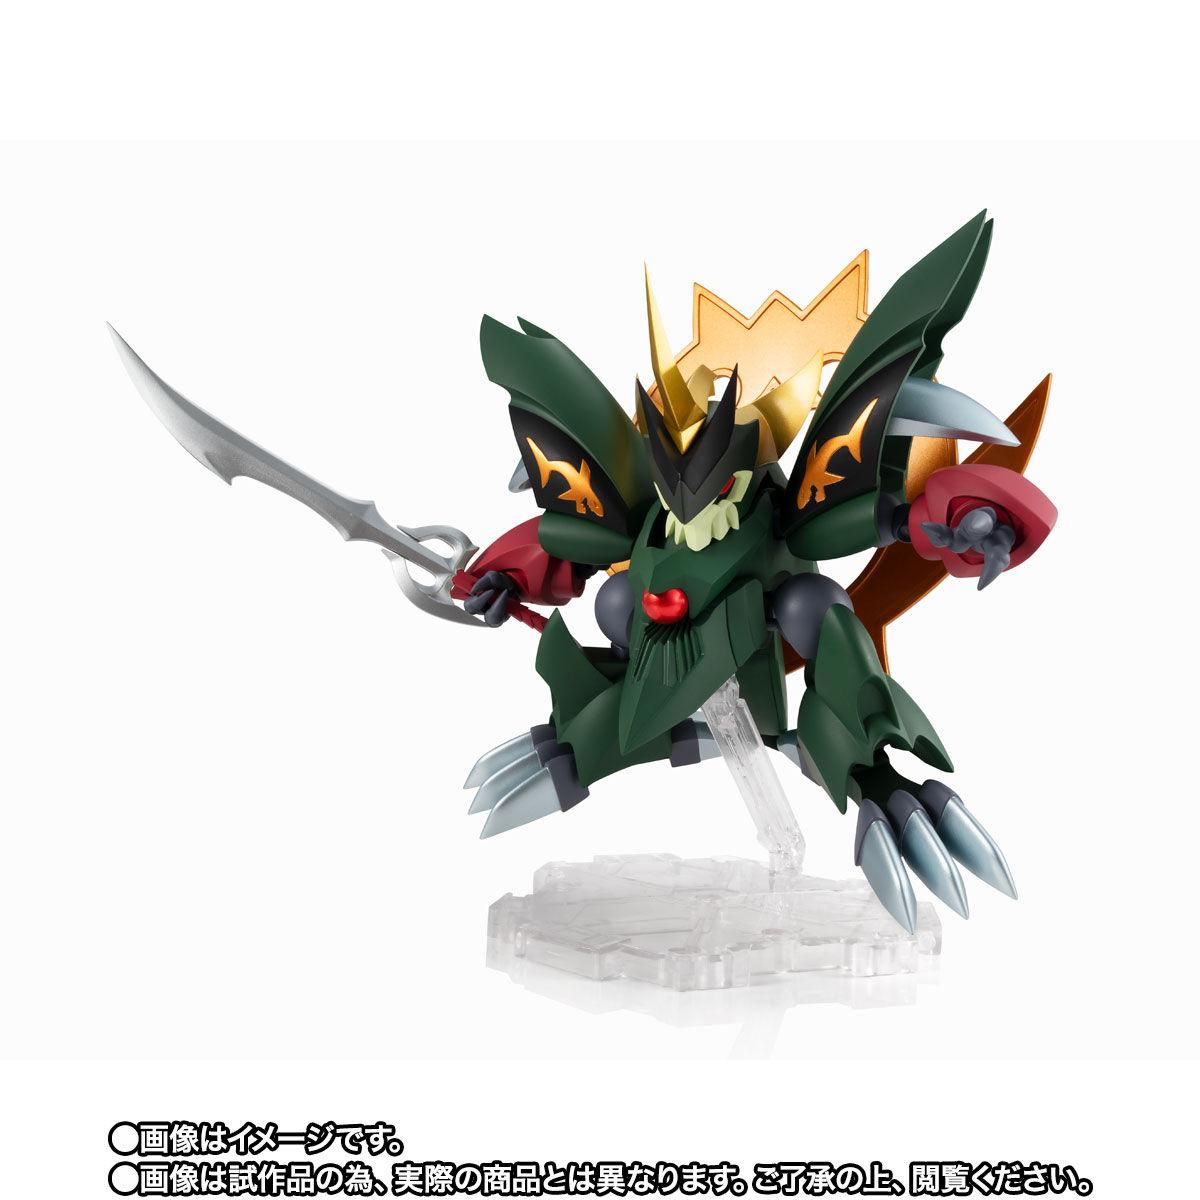 【限定販売】NXEDGE STYLE[MASHIN UNIT]『真・夏鬼丸』魔神英雄伝ワタル2 可動フィギュア-003